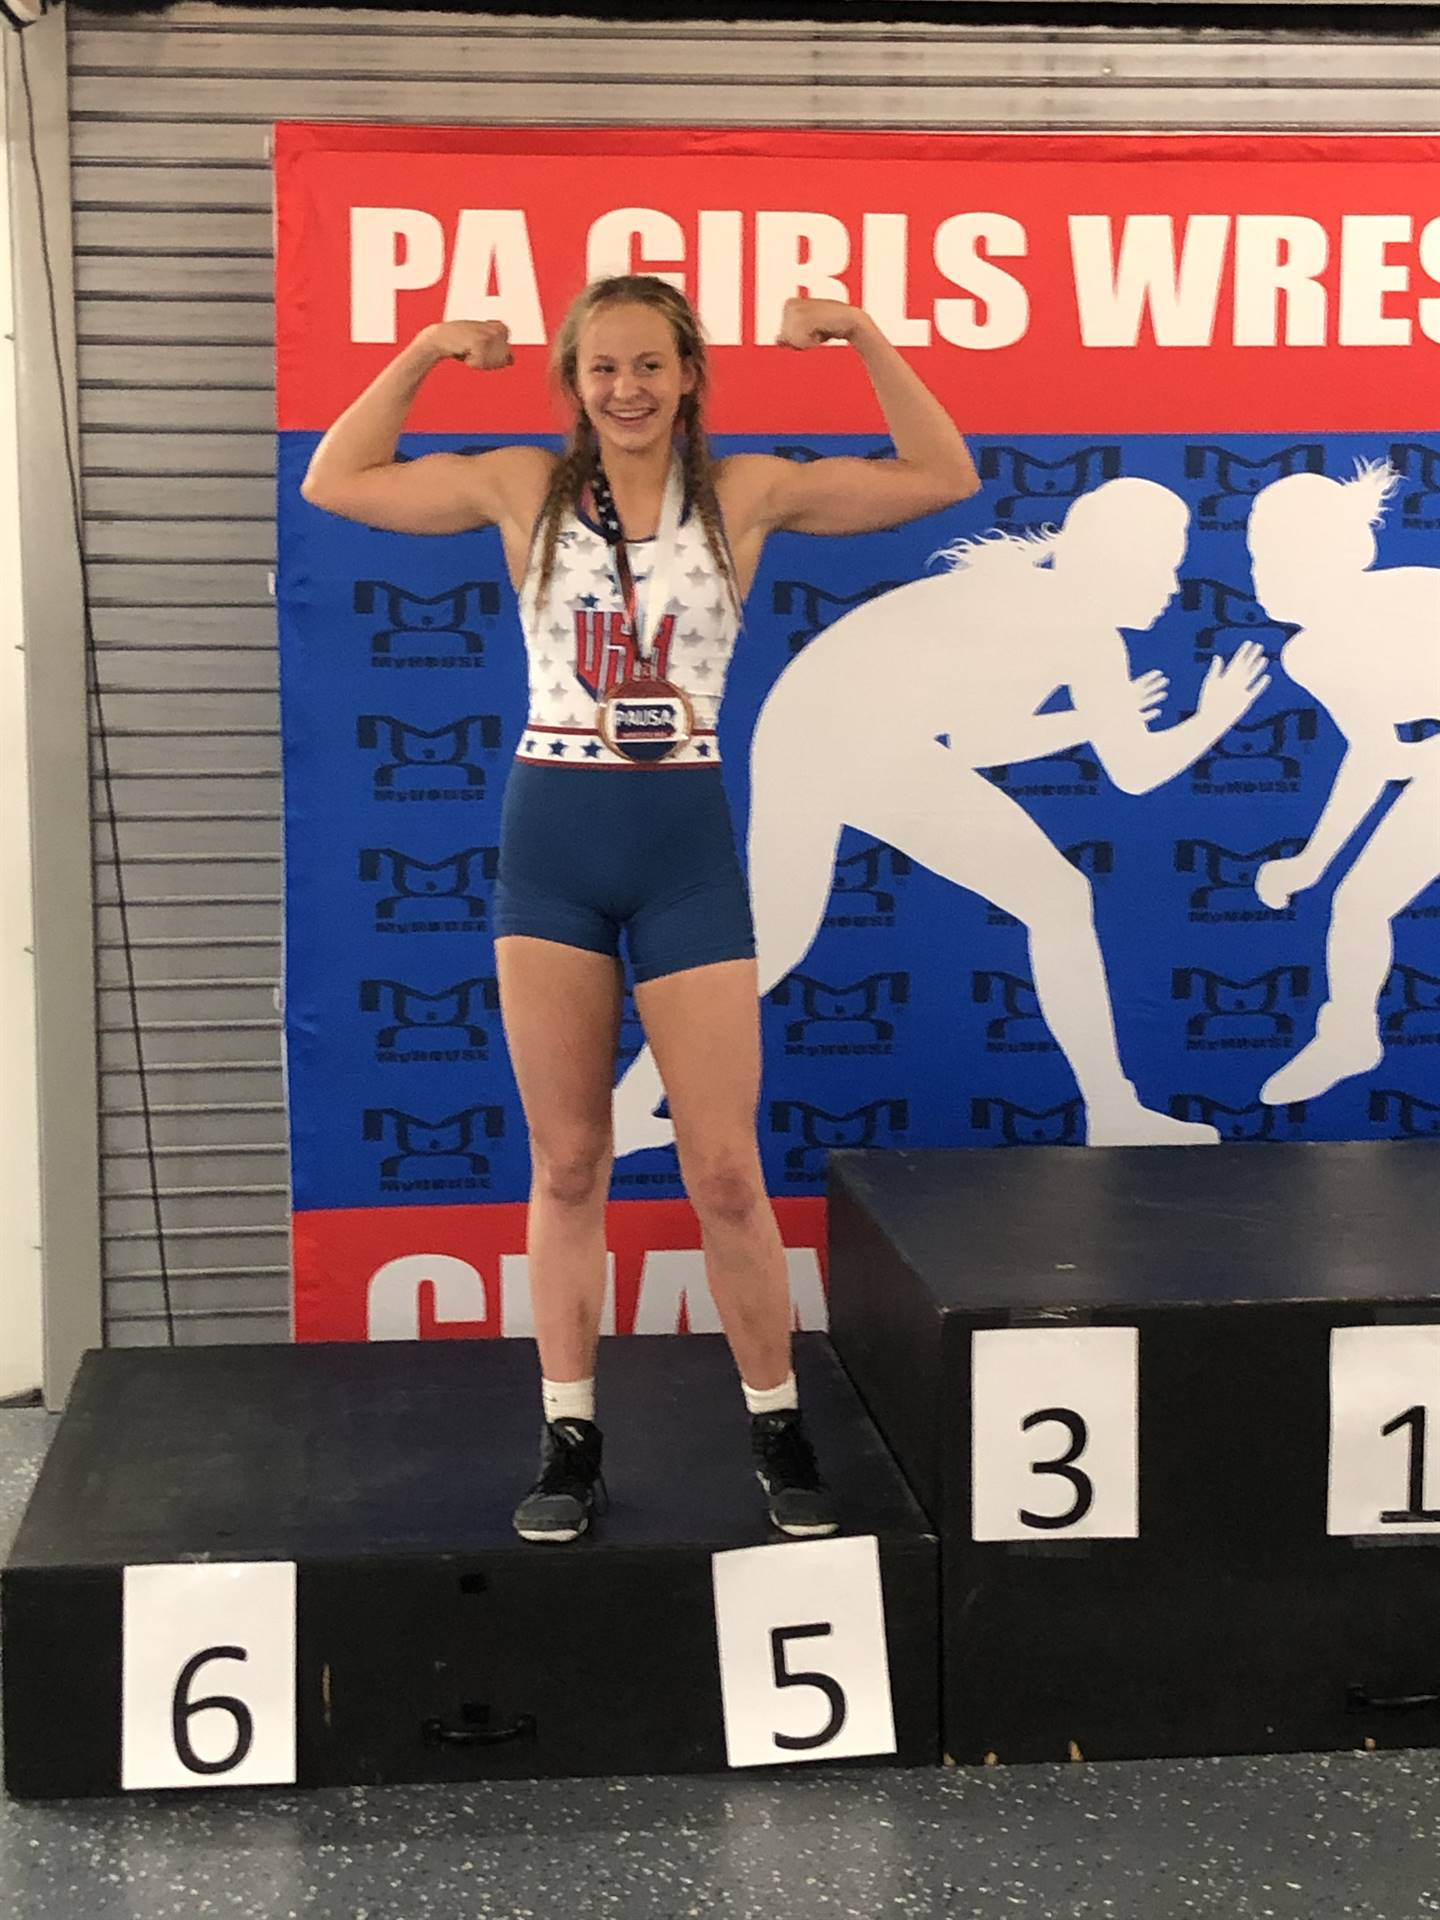 Adrianna Gilliam places 5th